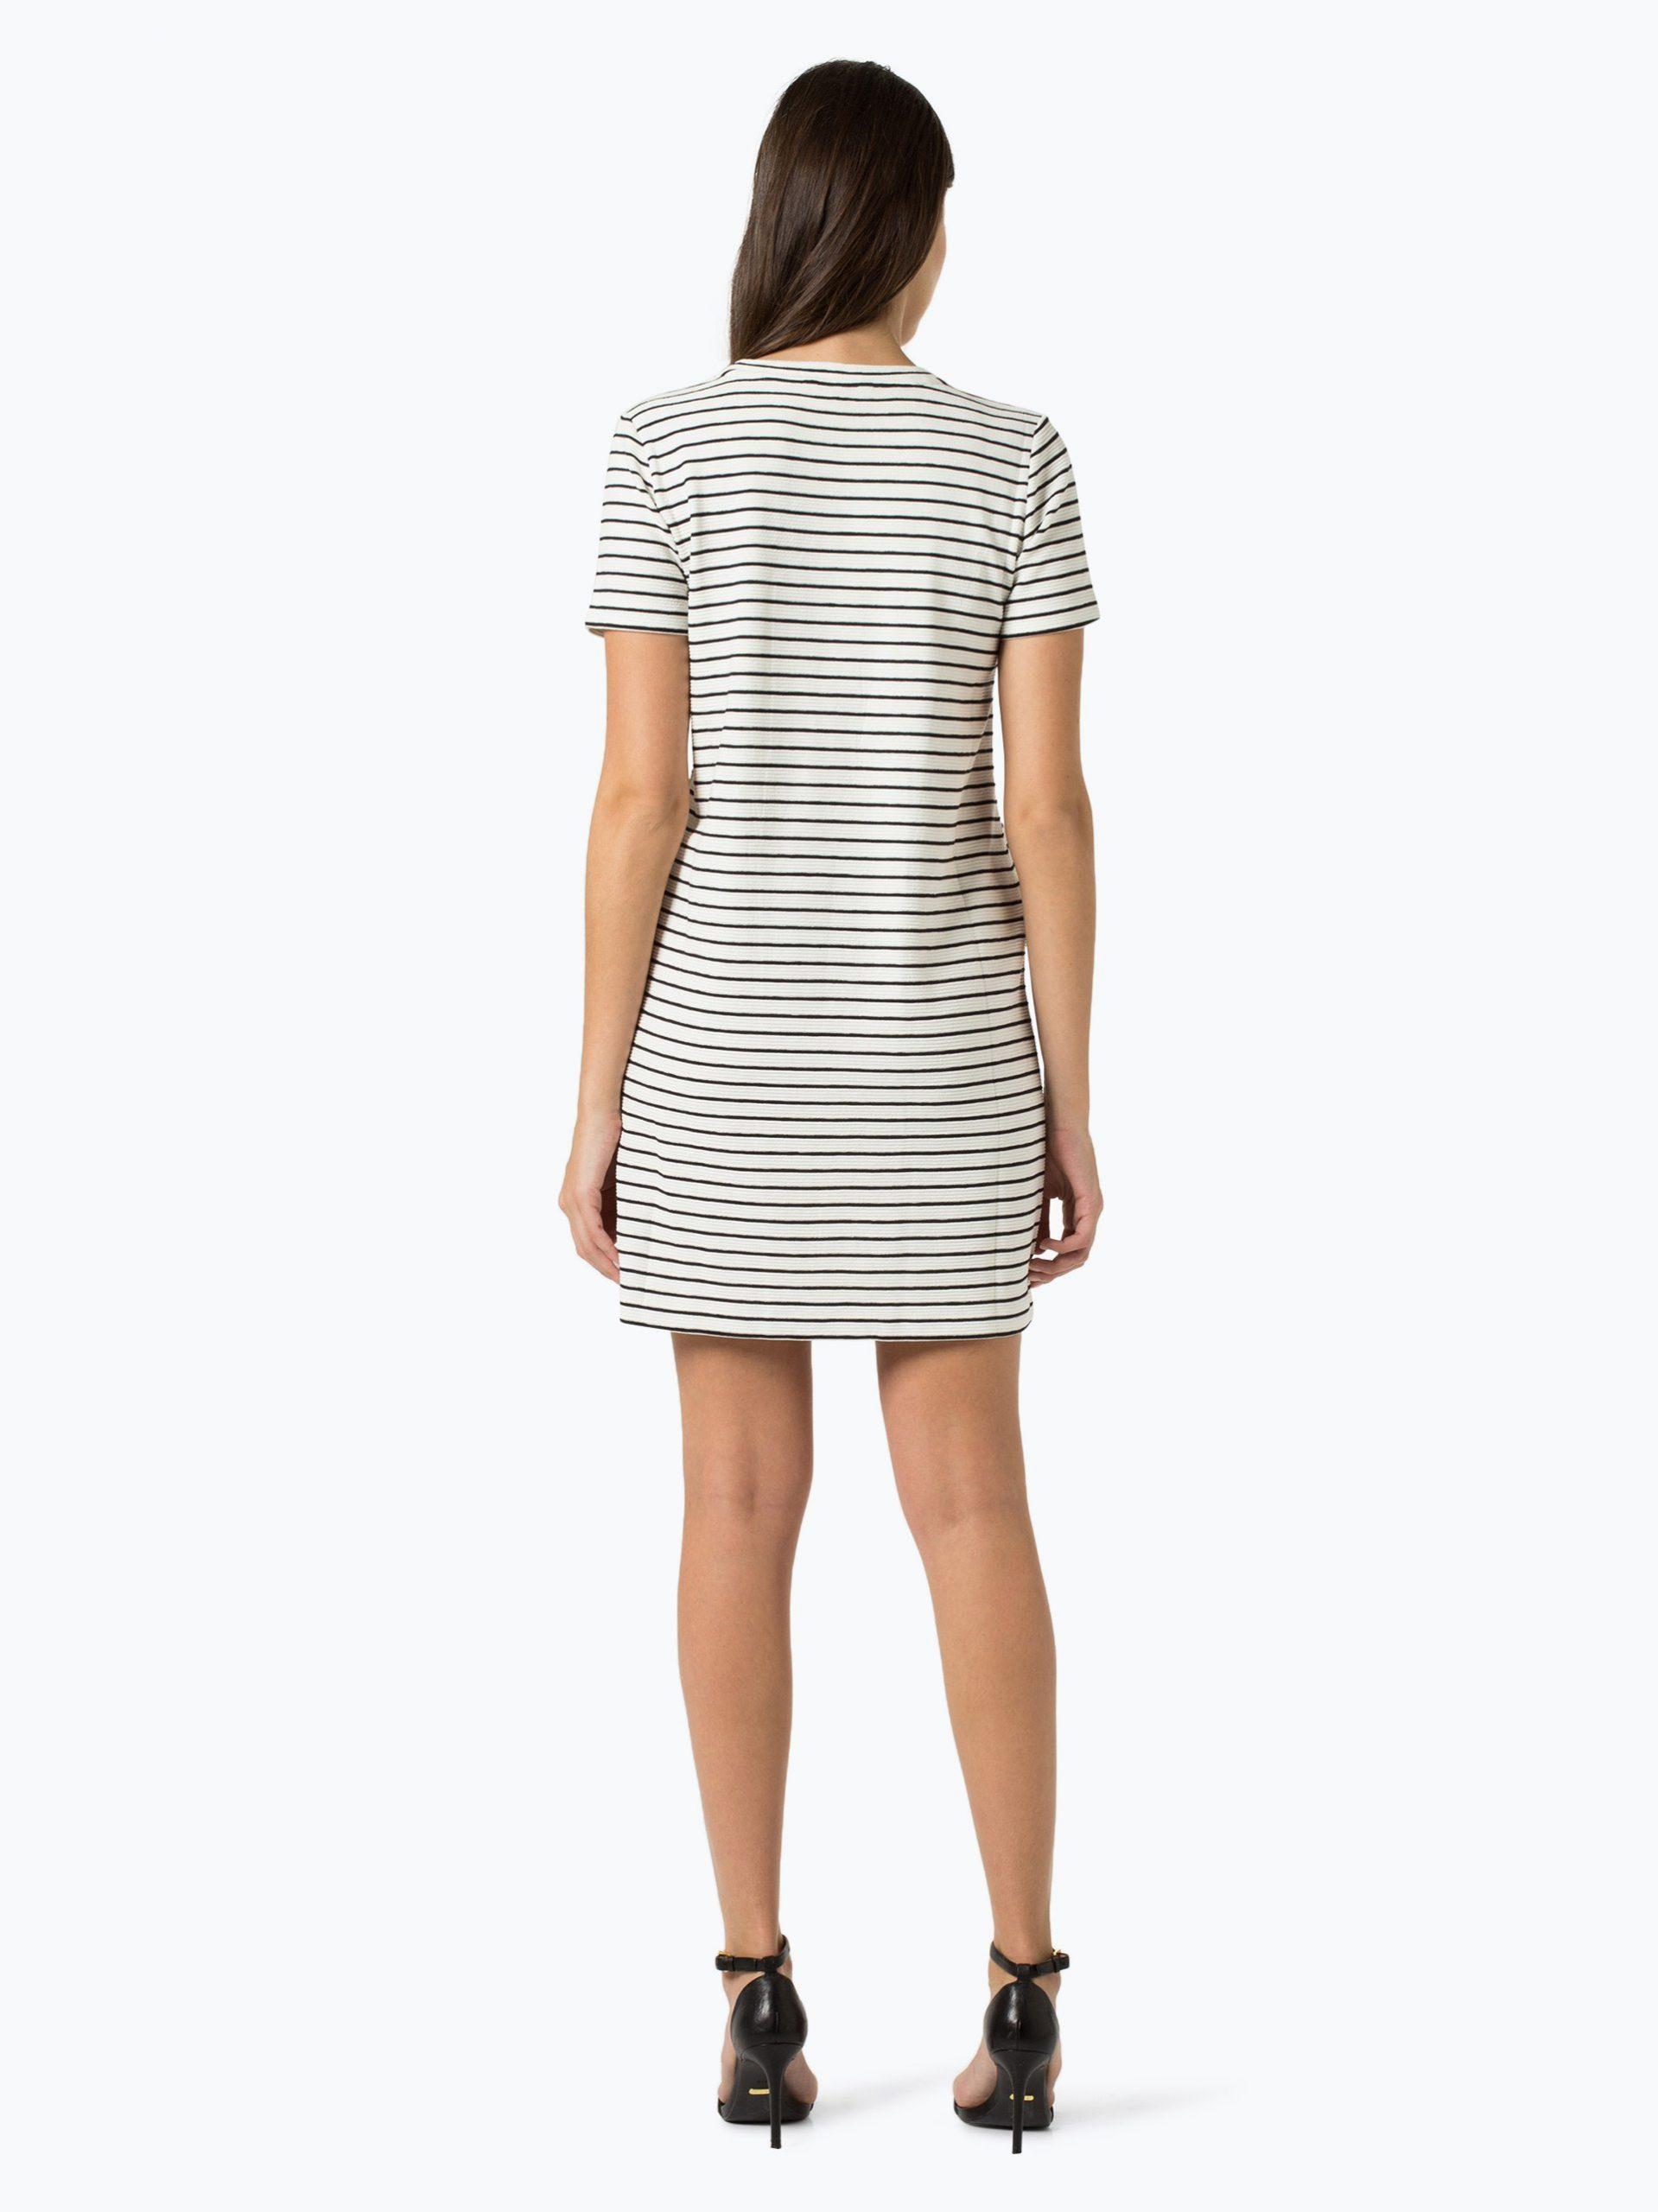 Tommy Hilfiger Damen Kleid Online Kaufen  Vangraaf